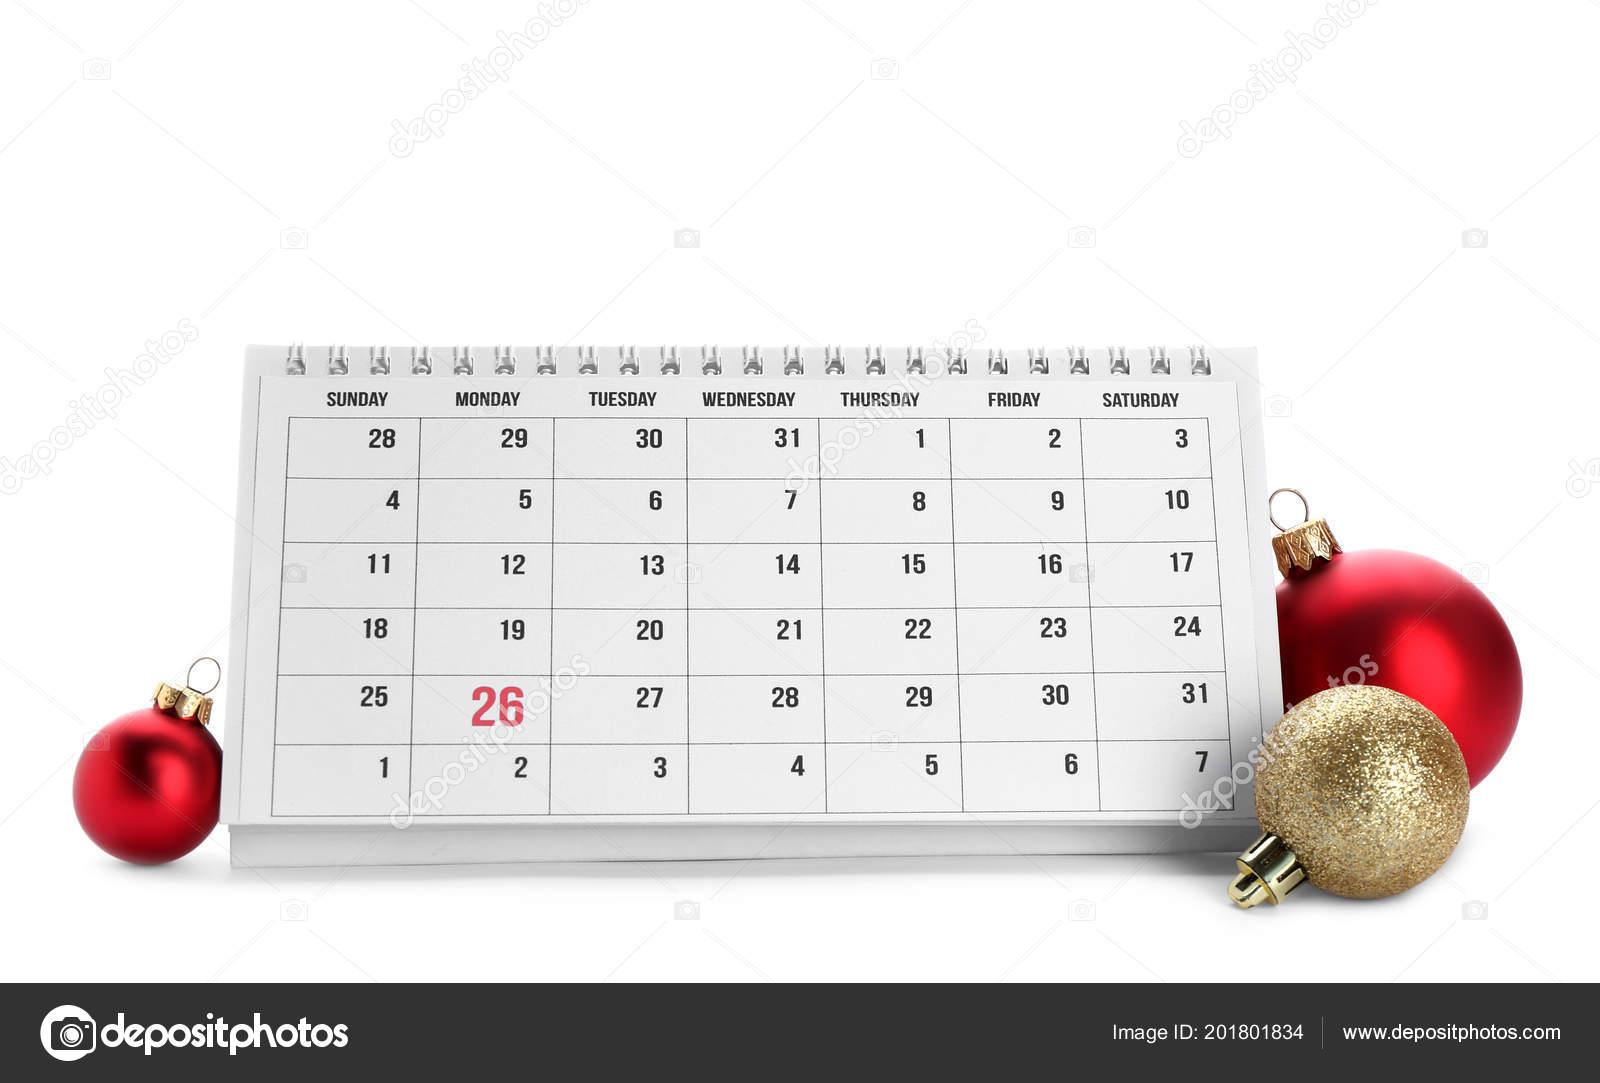 Calendario Conto Alla Rovescia.Calendario Carta Decorazioni Fondo Bianco Conto Alla